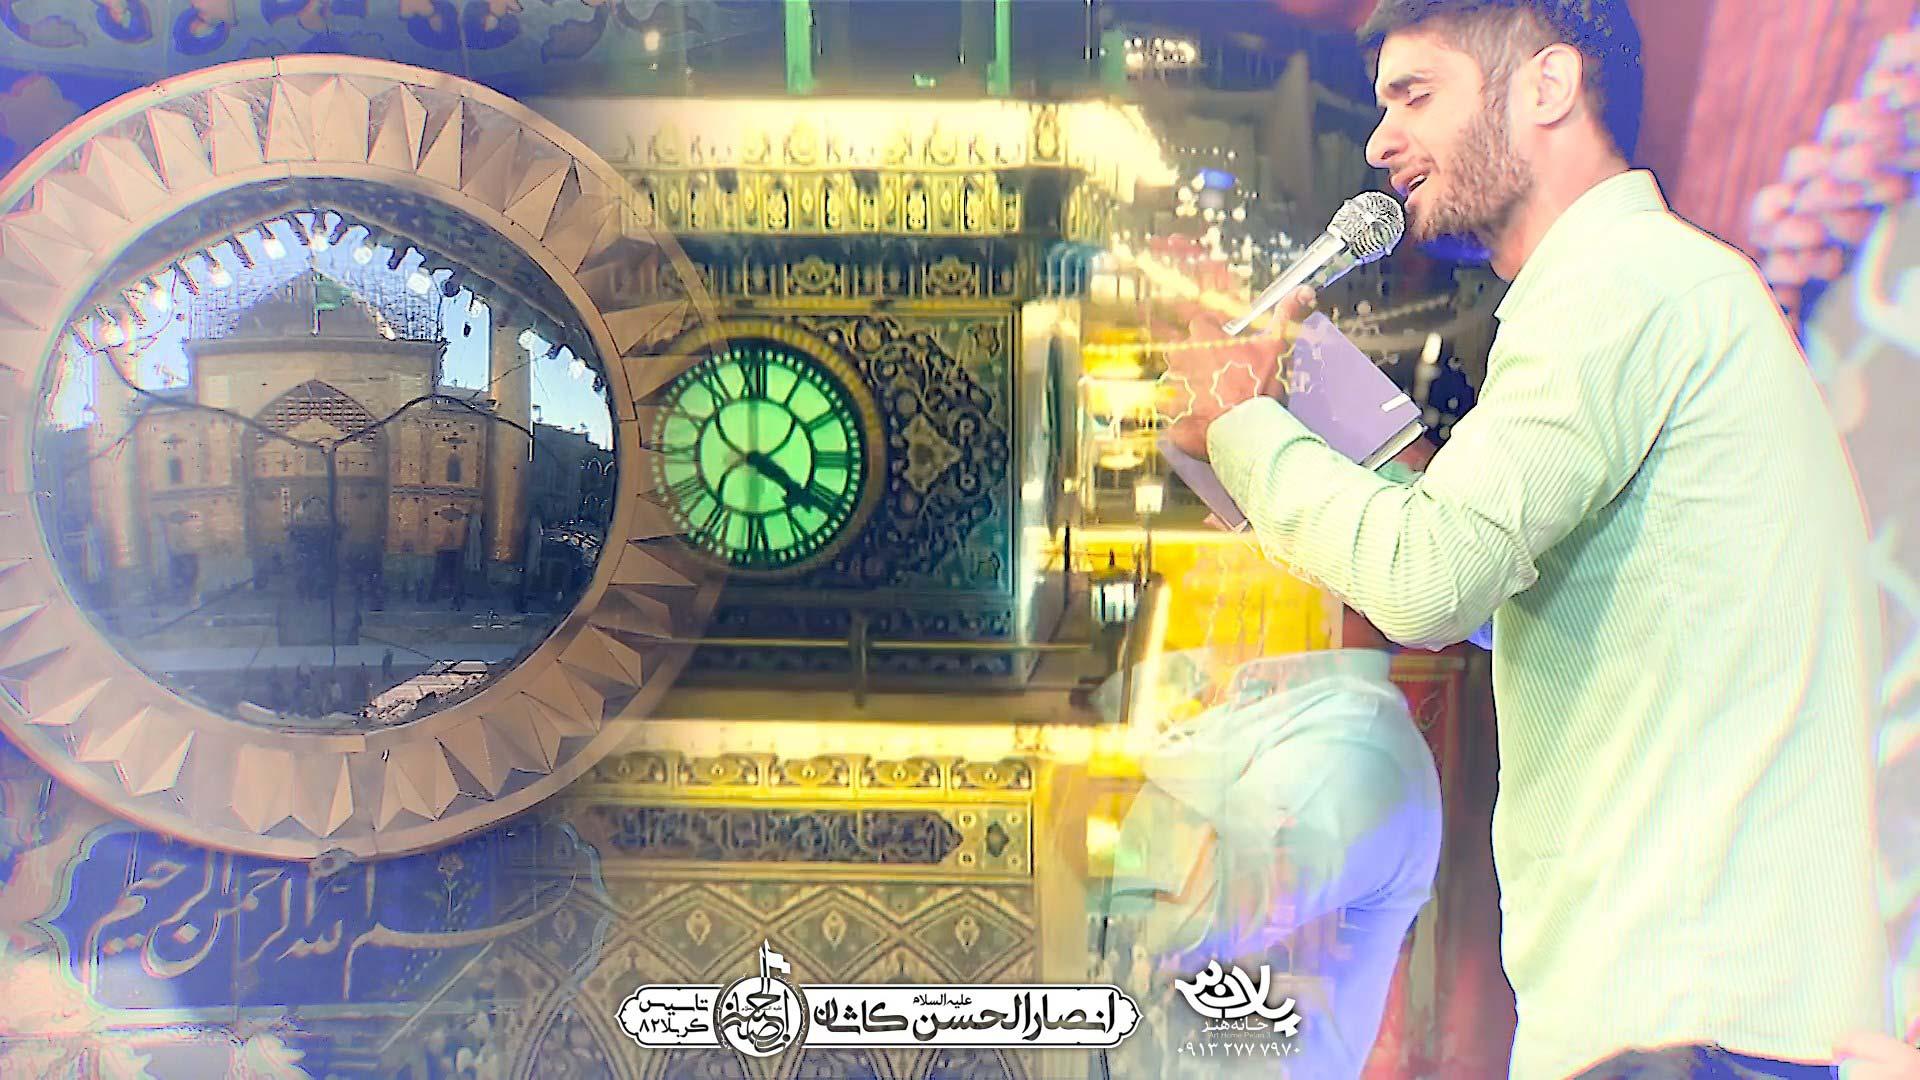 ذکر علی محسن عراقی